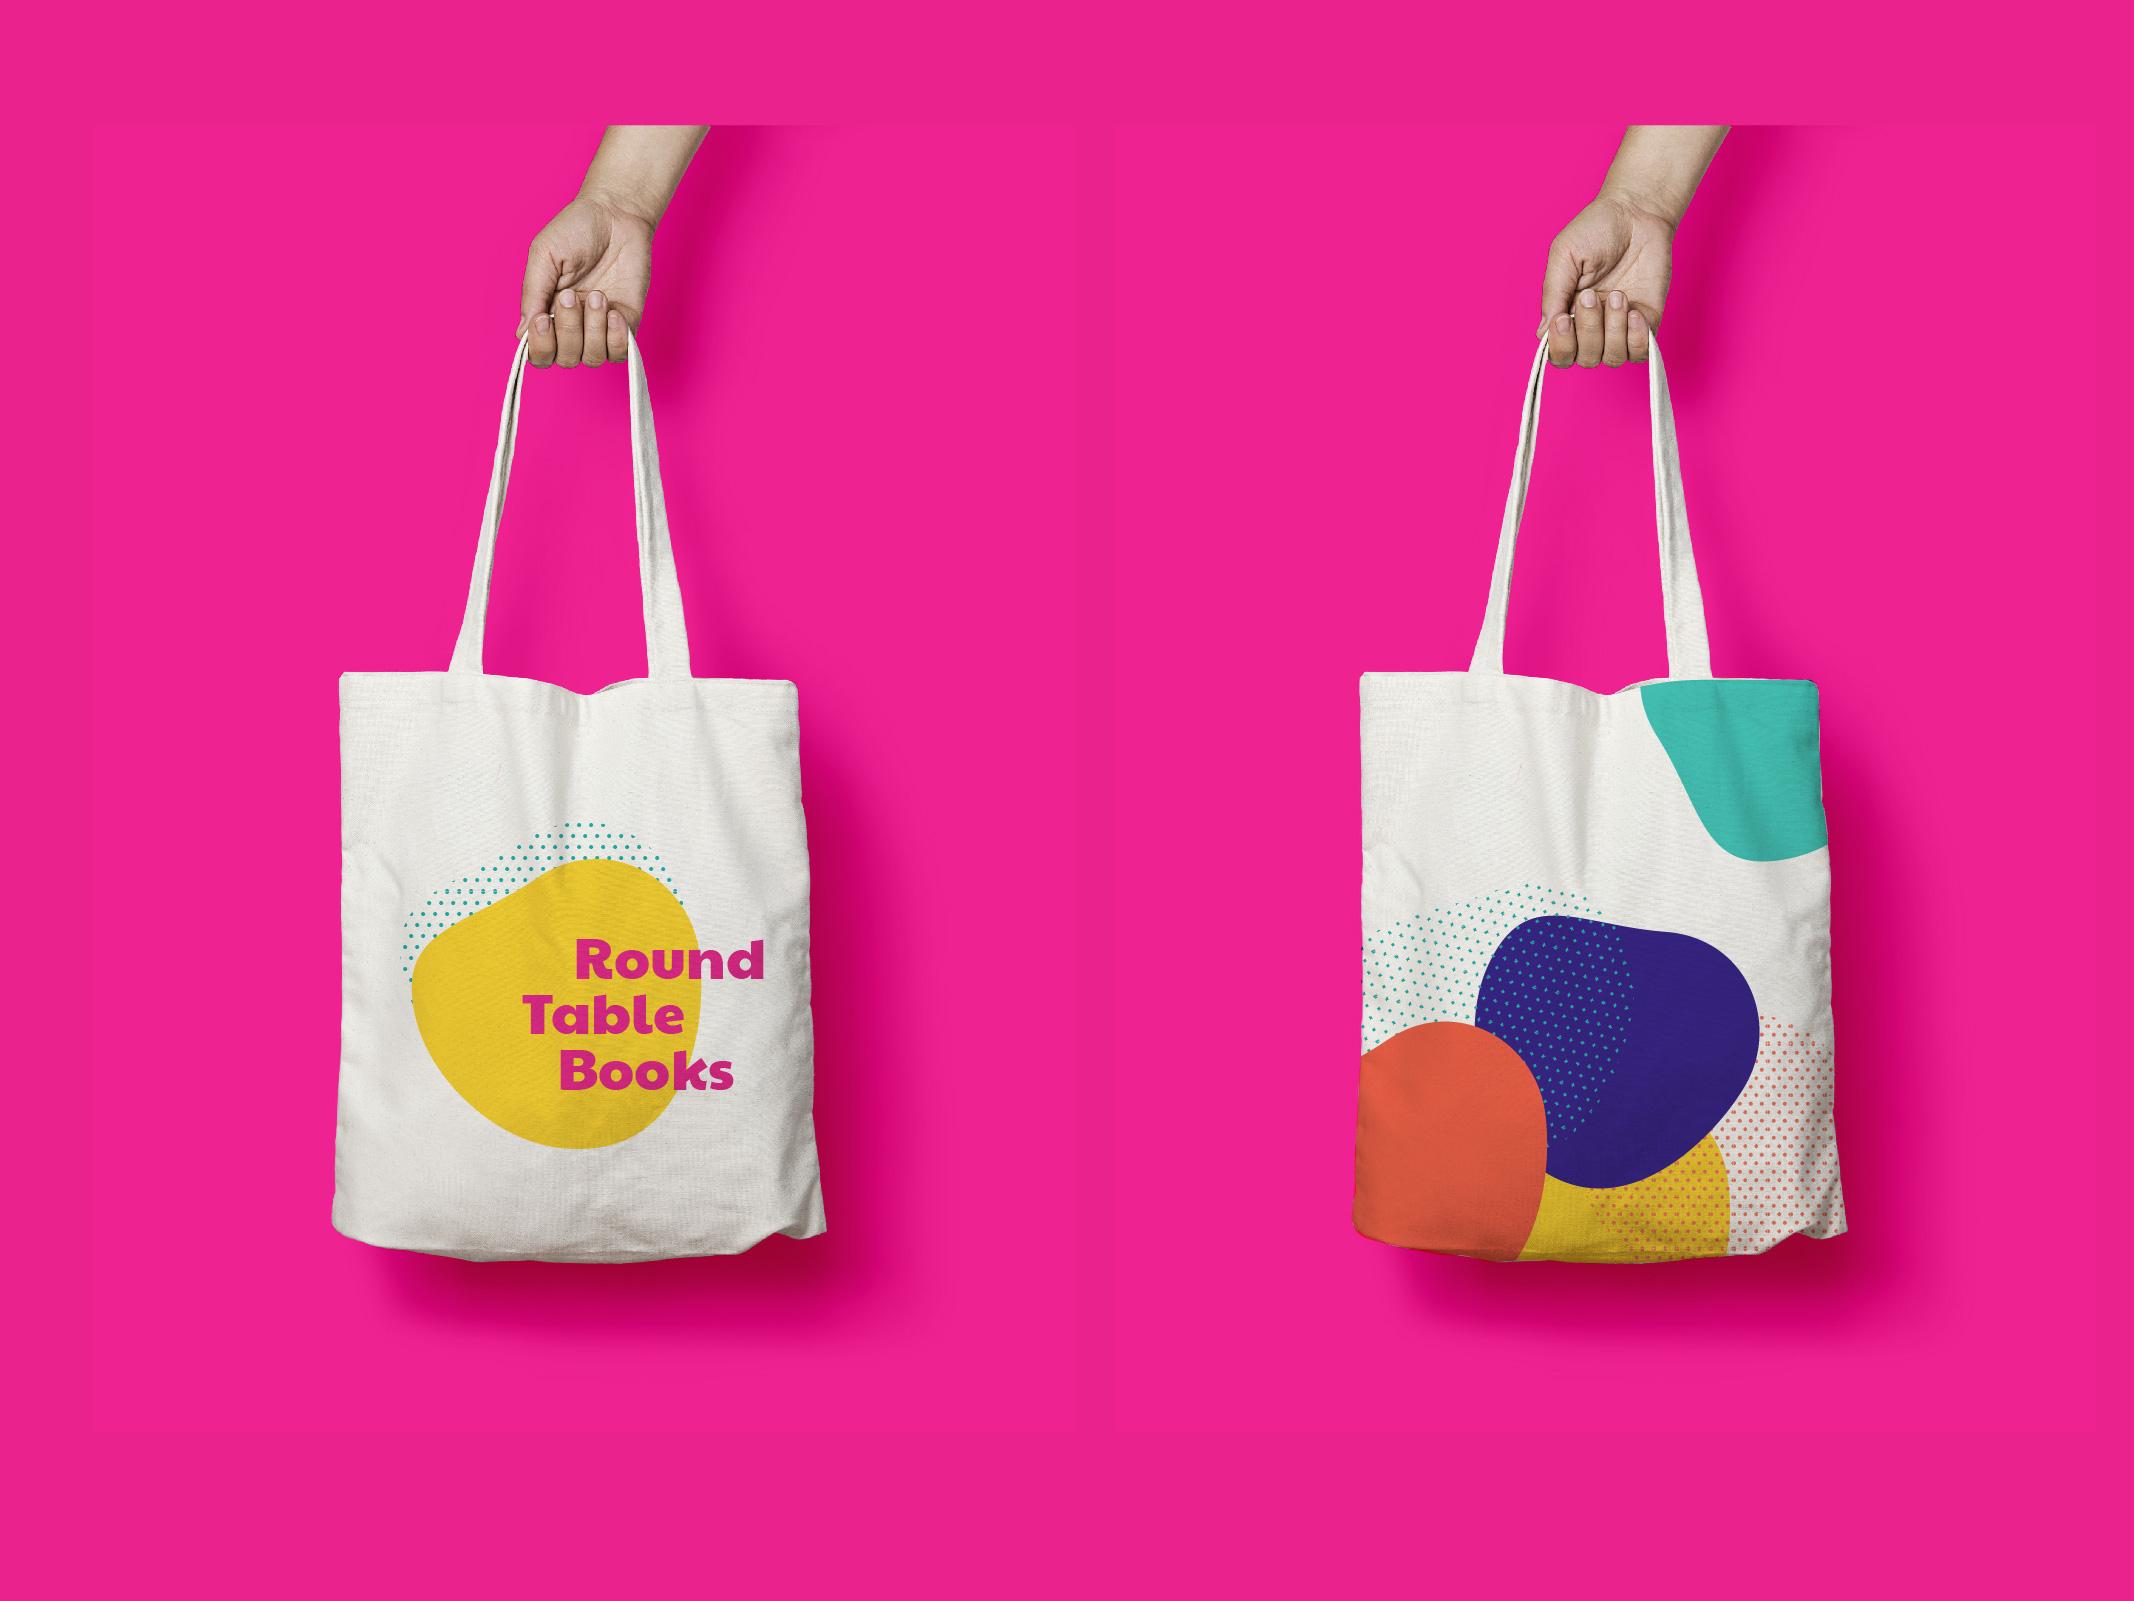 RoundTableBooks-Branding-Marssaie-Studio-16.jpg